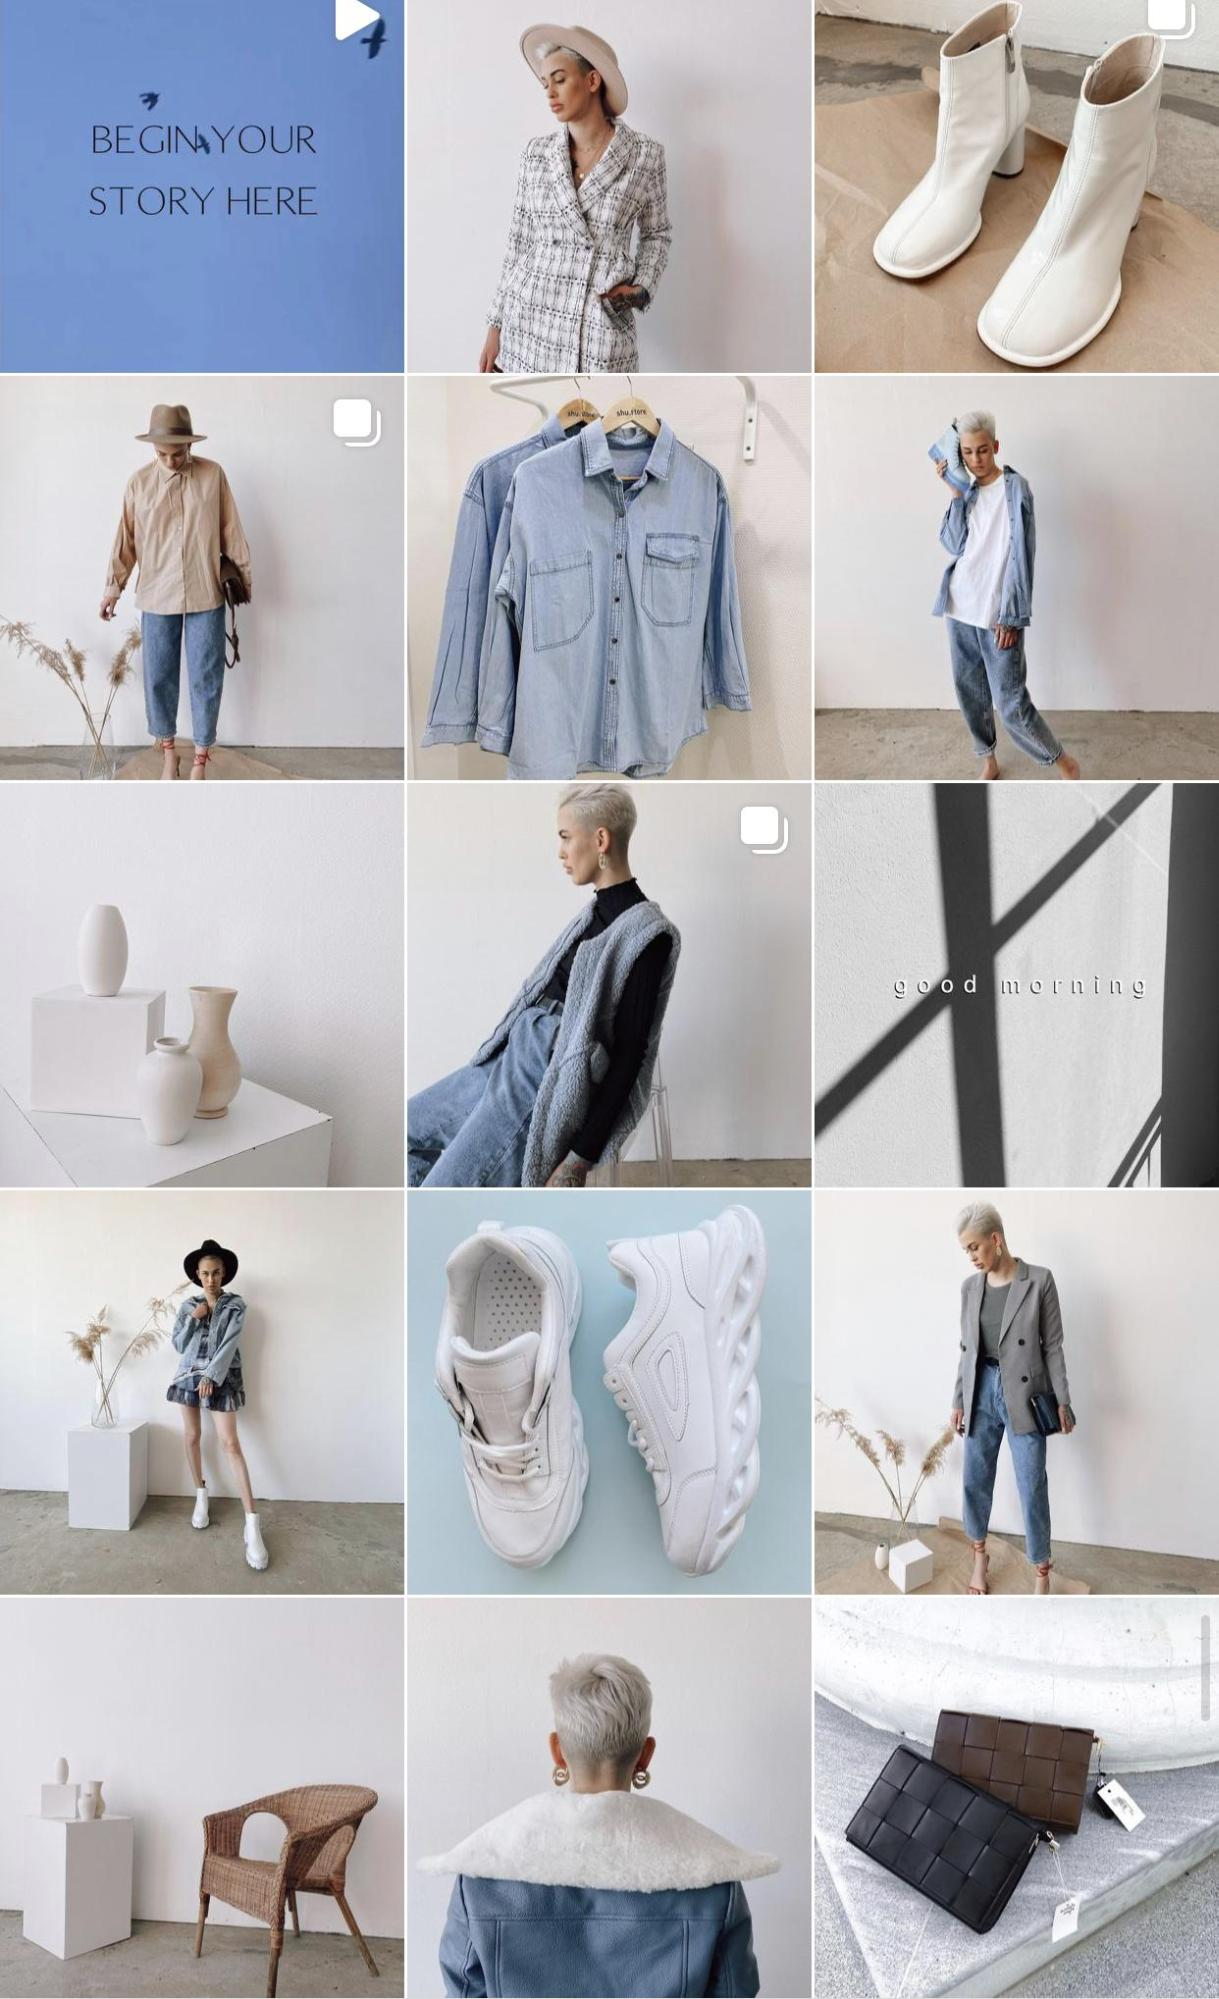 В первом случае мы видим магазин либо бренд одежды